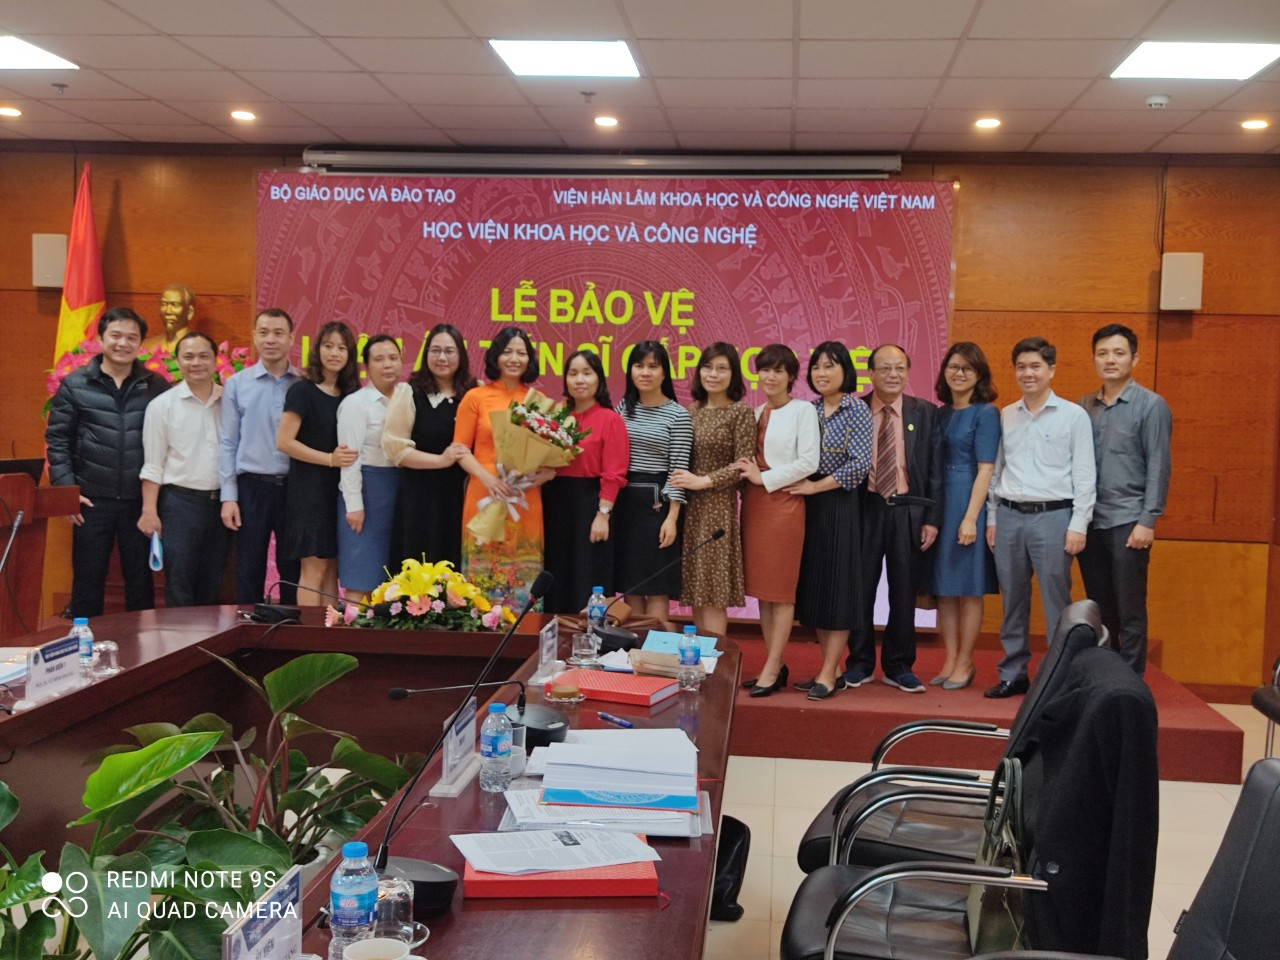 Giảng viên Nguyễn Thị Thoa bảo vệ thành công Luận án tiến sĩ cấp Học viện